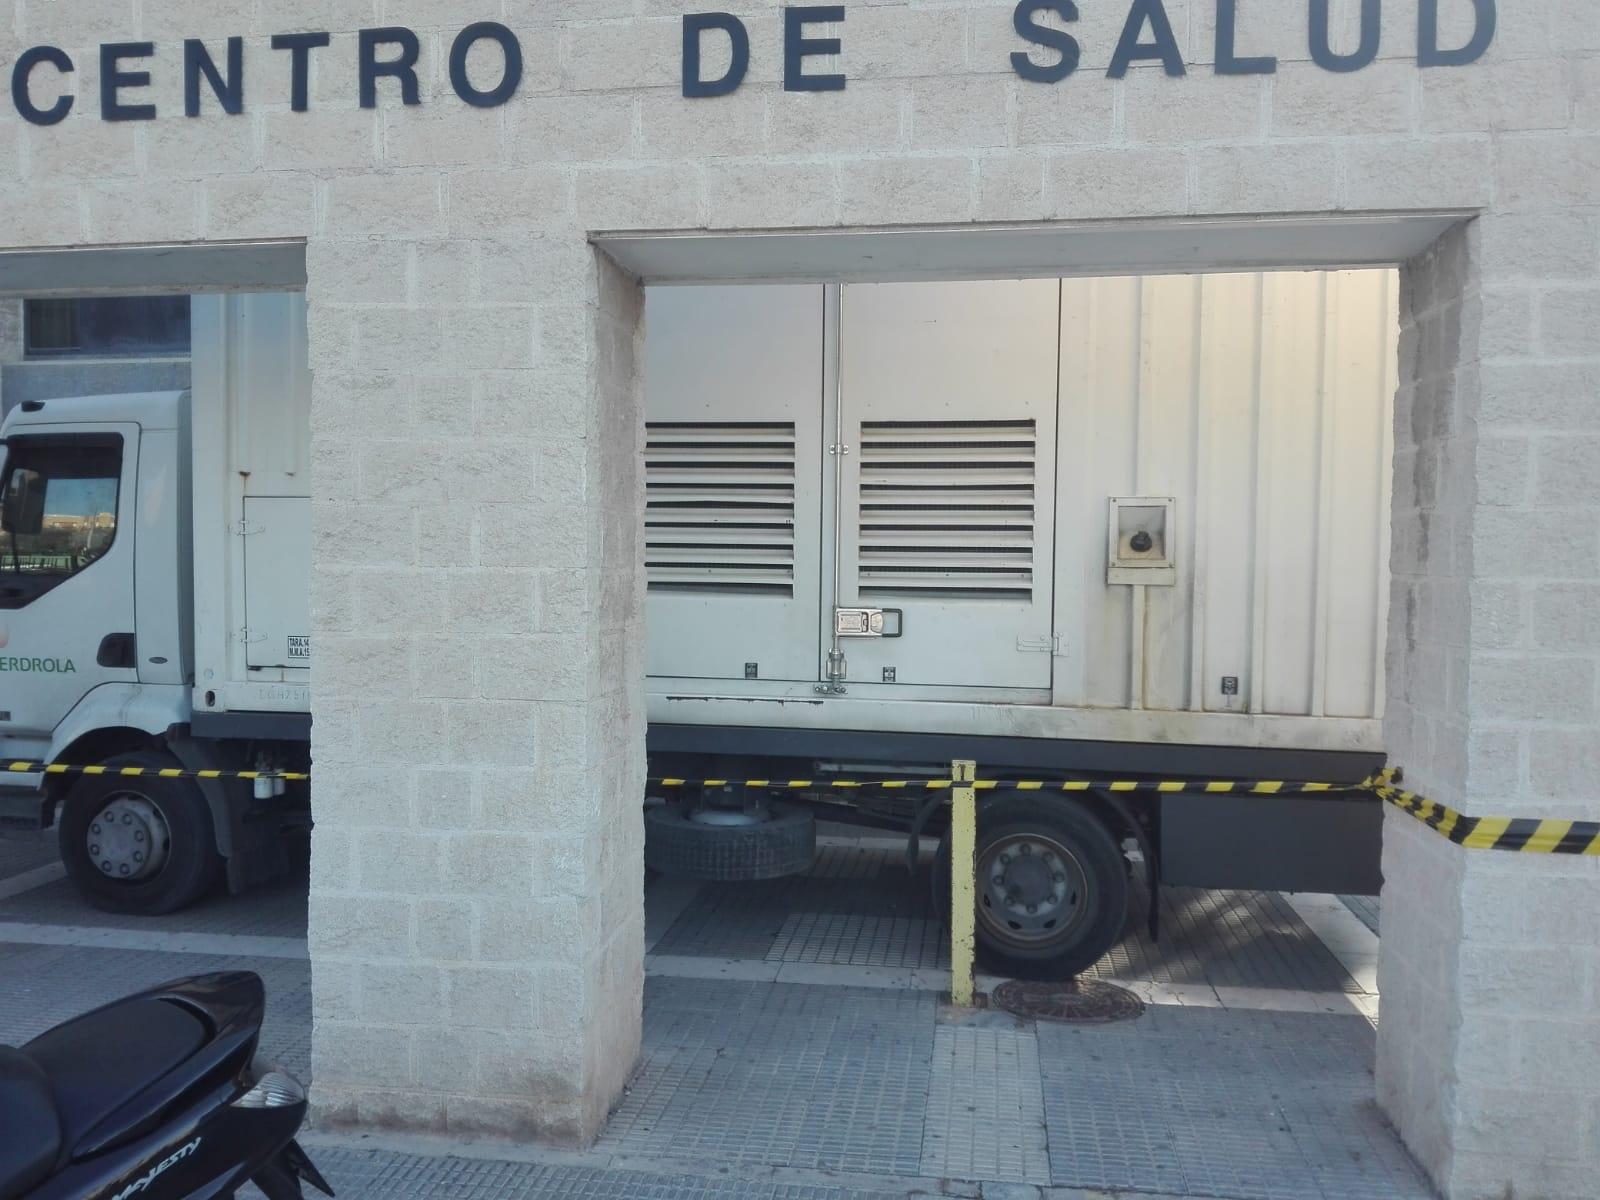 El PSOE exige la revisión integral del centro de salud de San Diego para evitar nuevas averías como la del sistema eléctrico